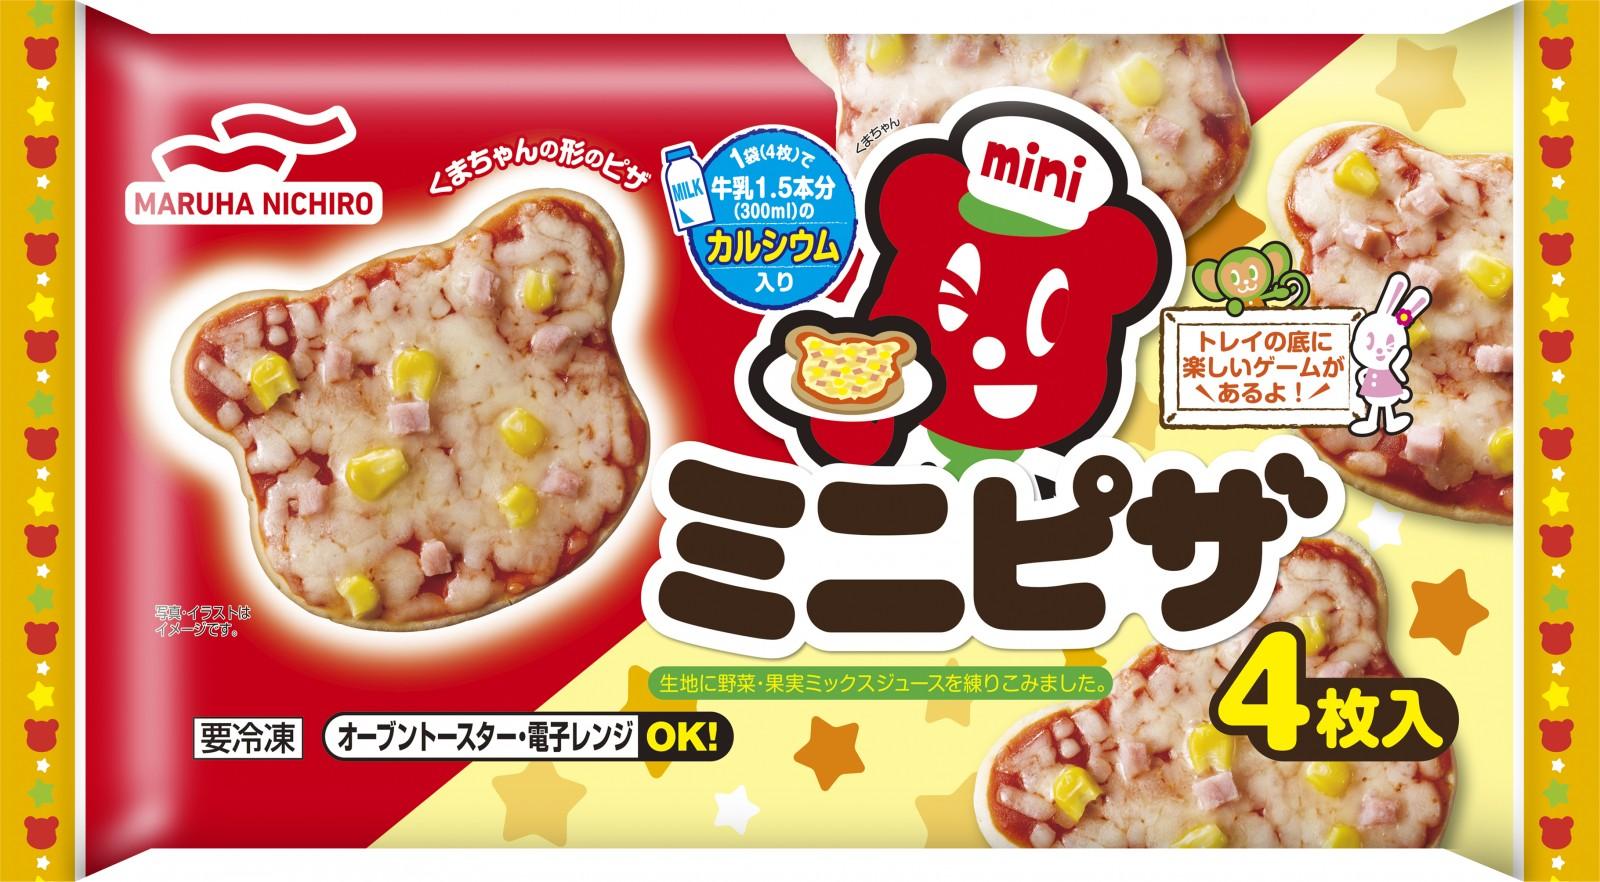 おなじみ『くまちゃん』の形の「ミニピザ」♪ 9月1日に新発売!!(マルハニチロ)